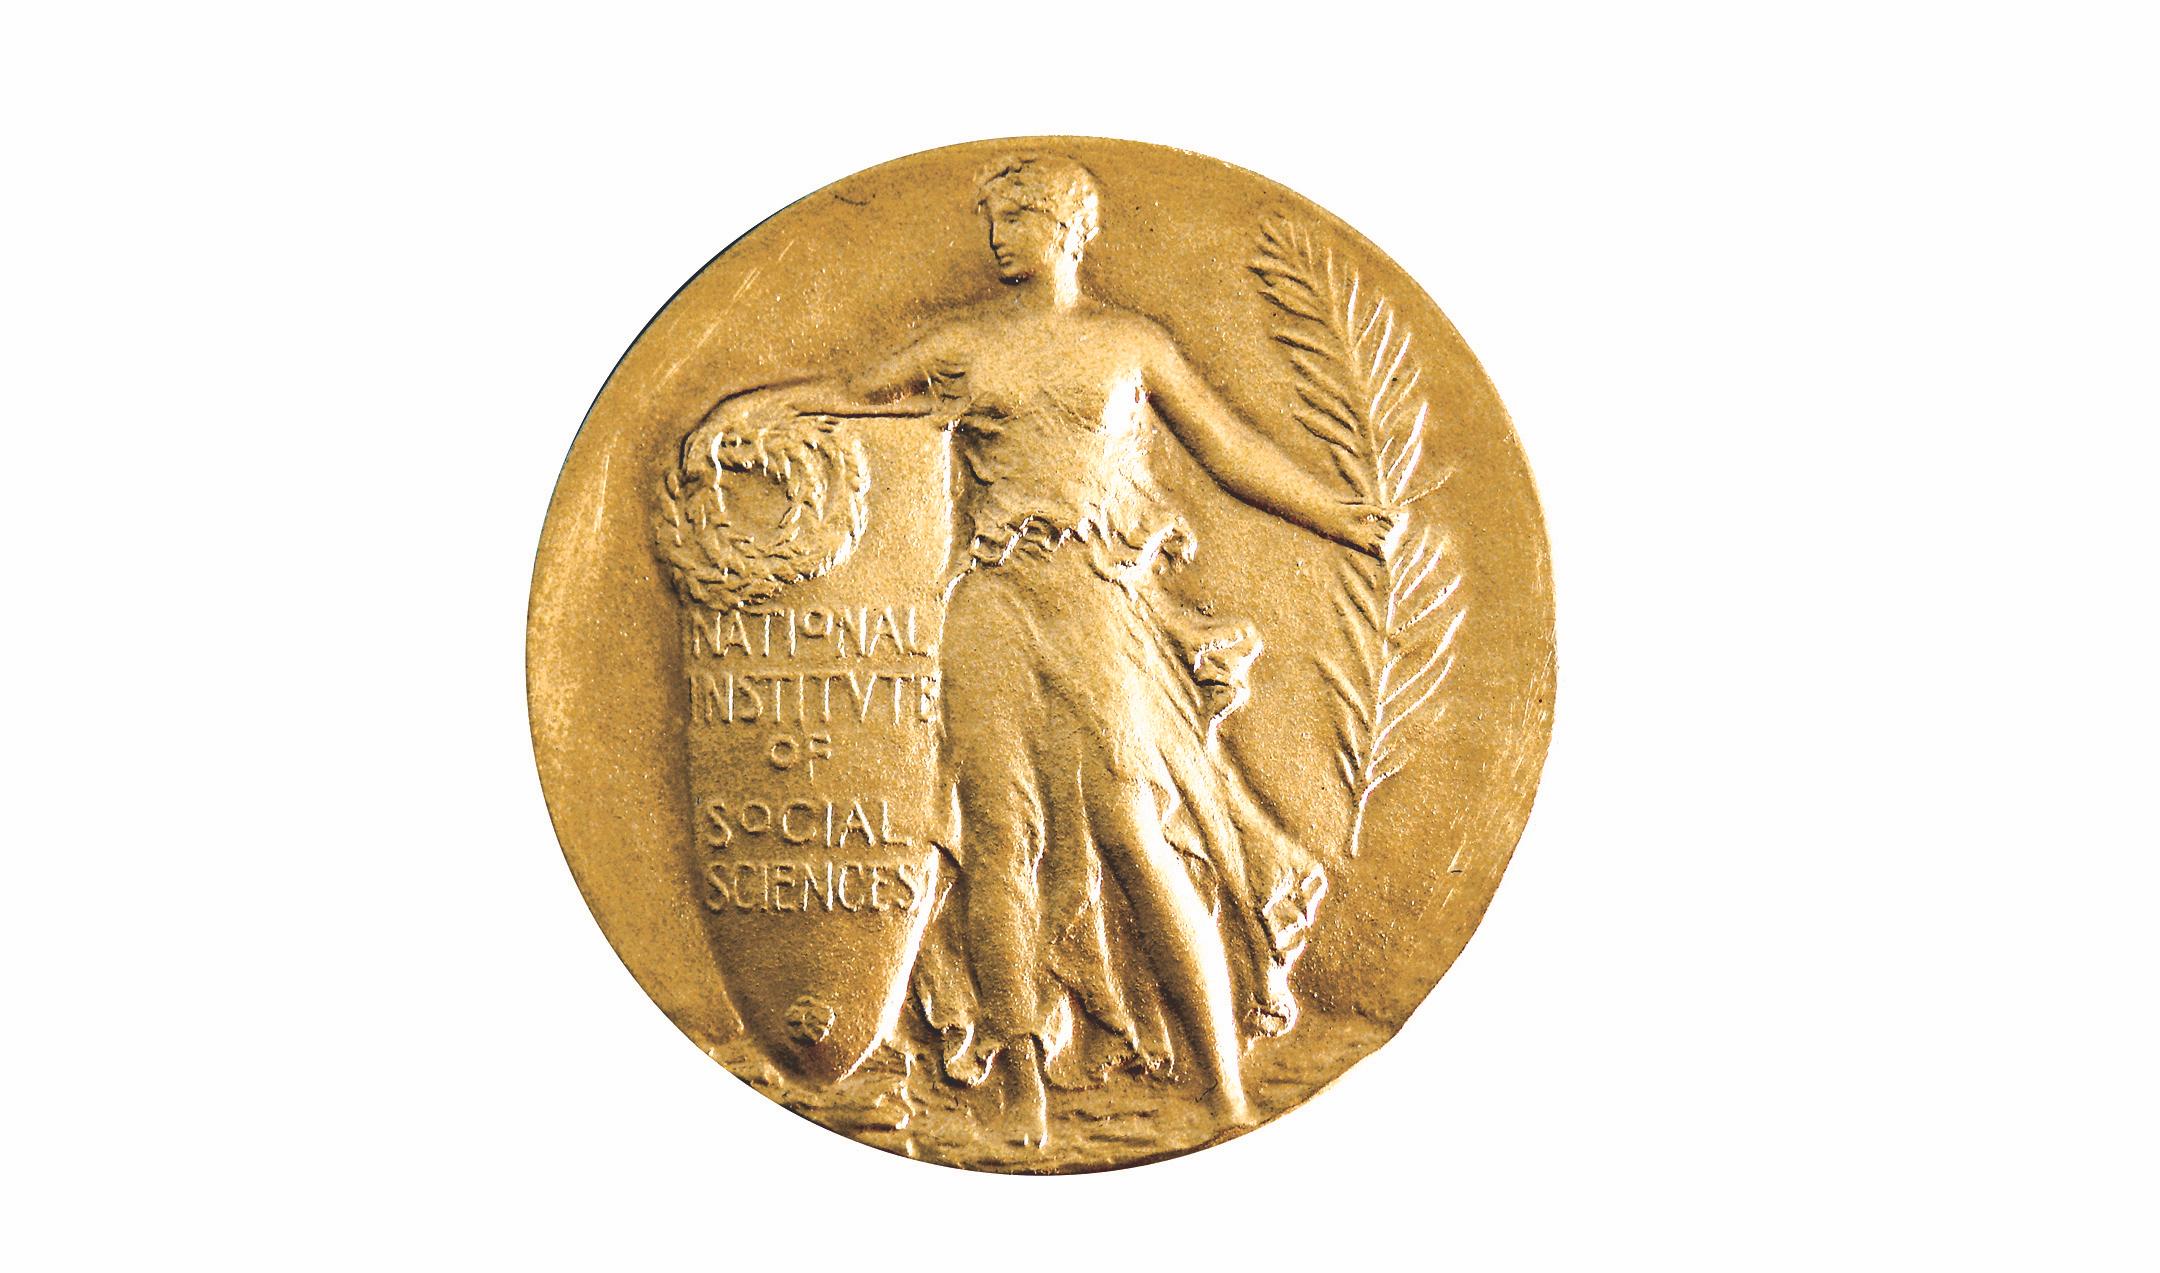 The Gold Medal designed by Laura Gardin Fraser